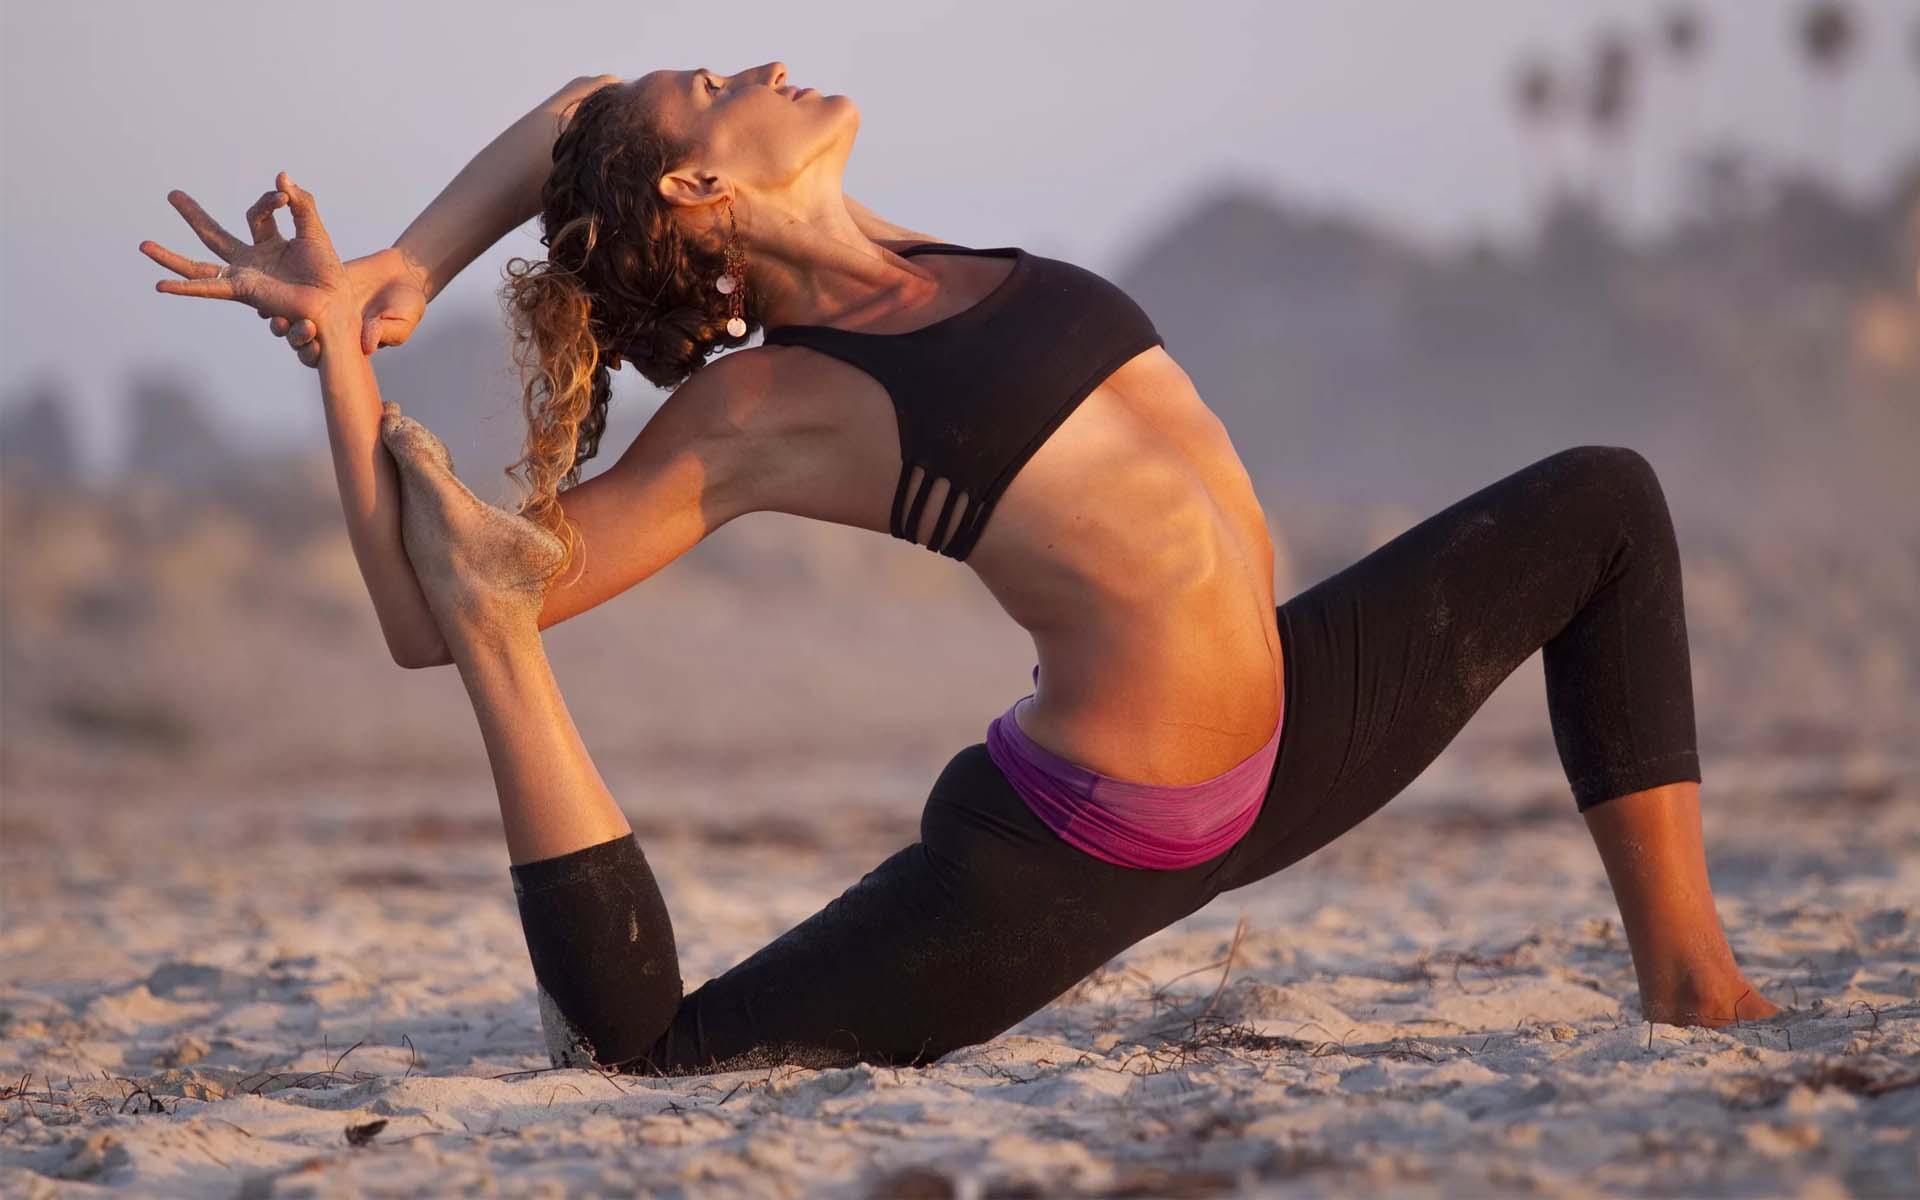 йога человек картинки разделены